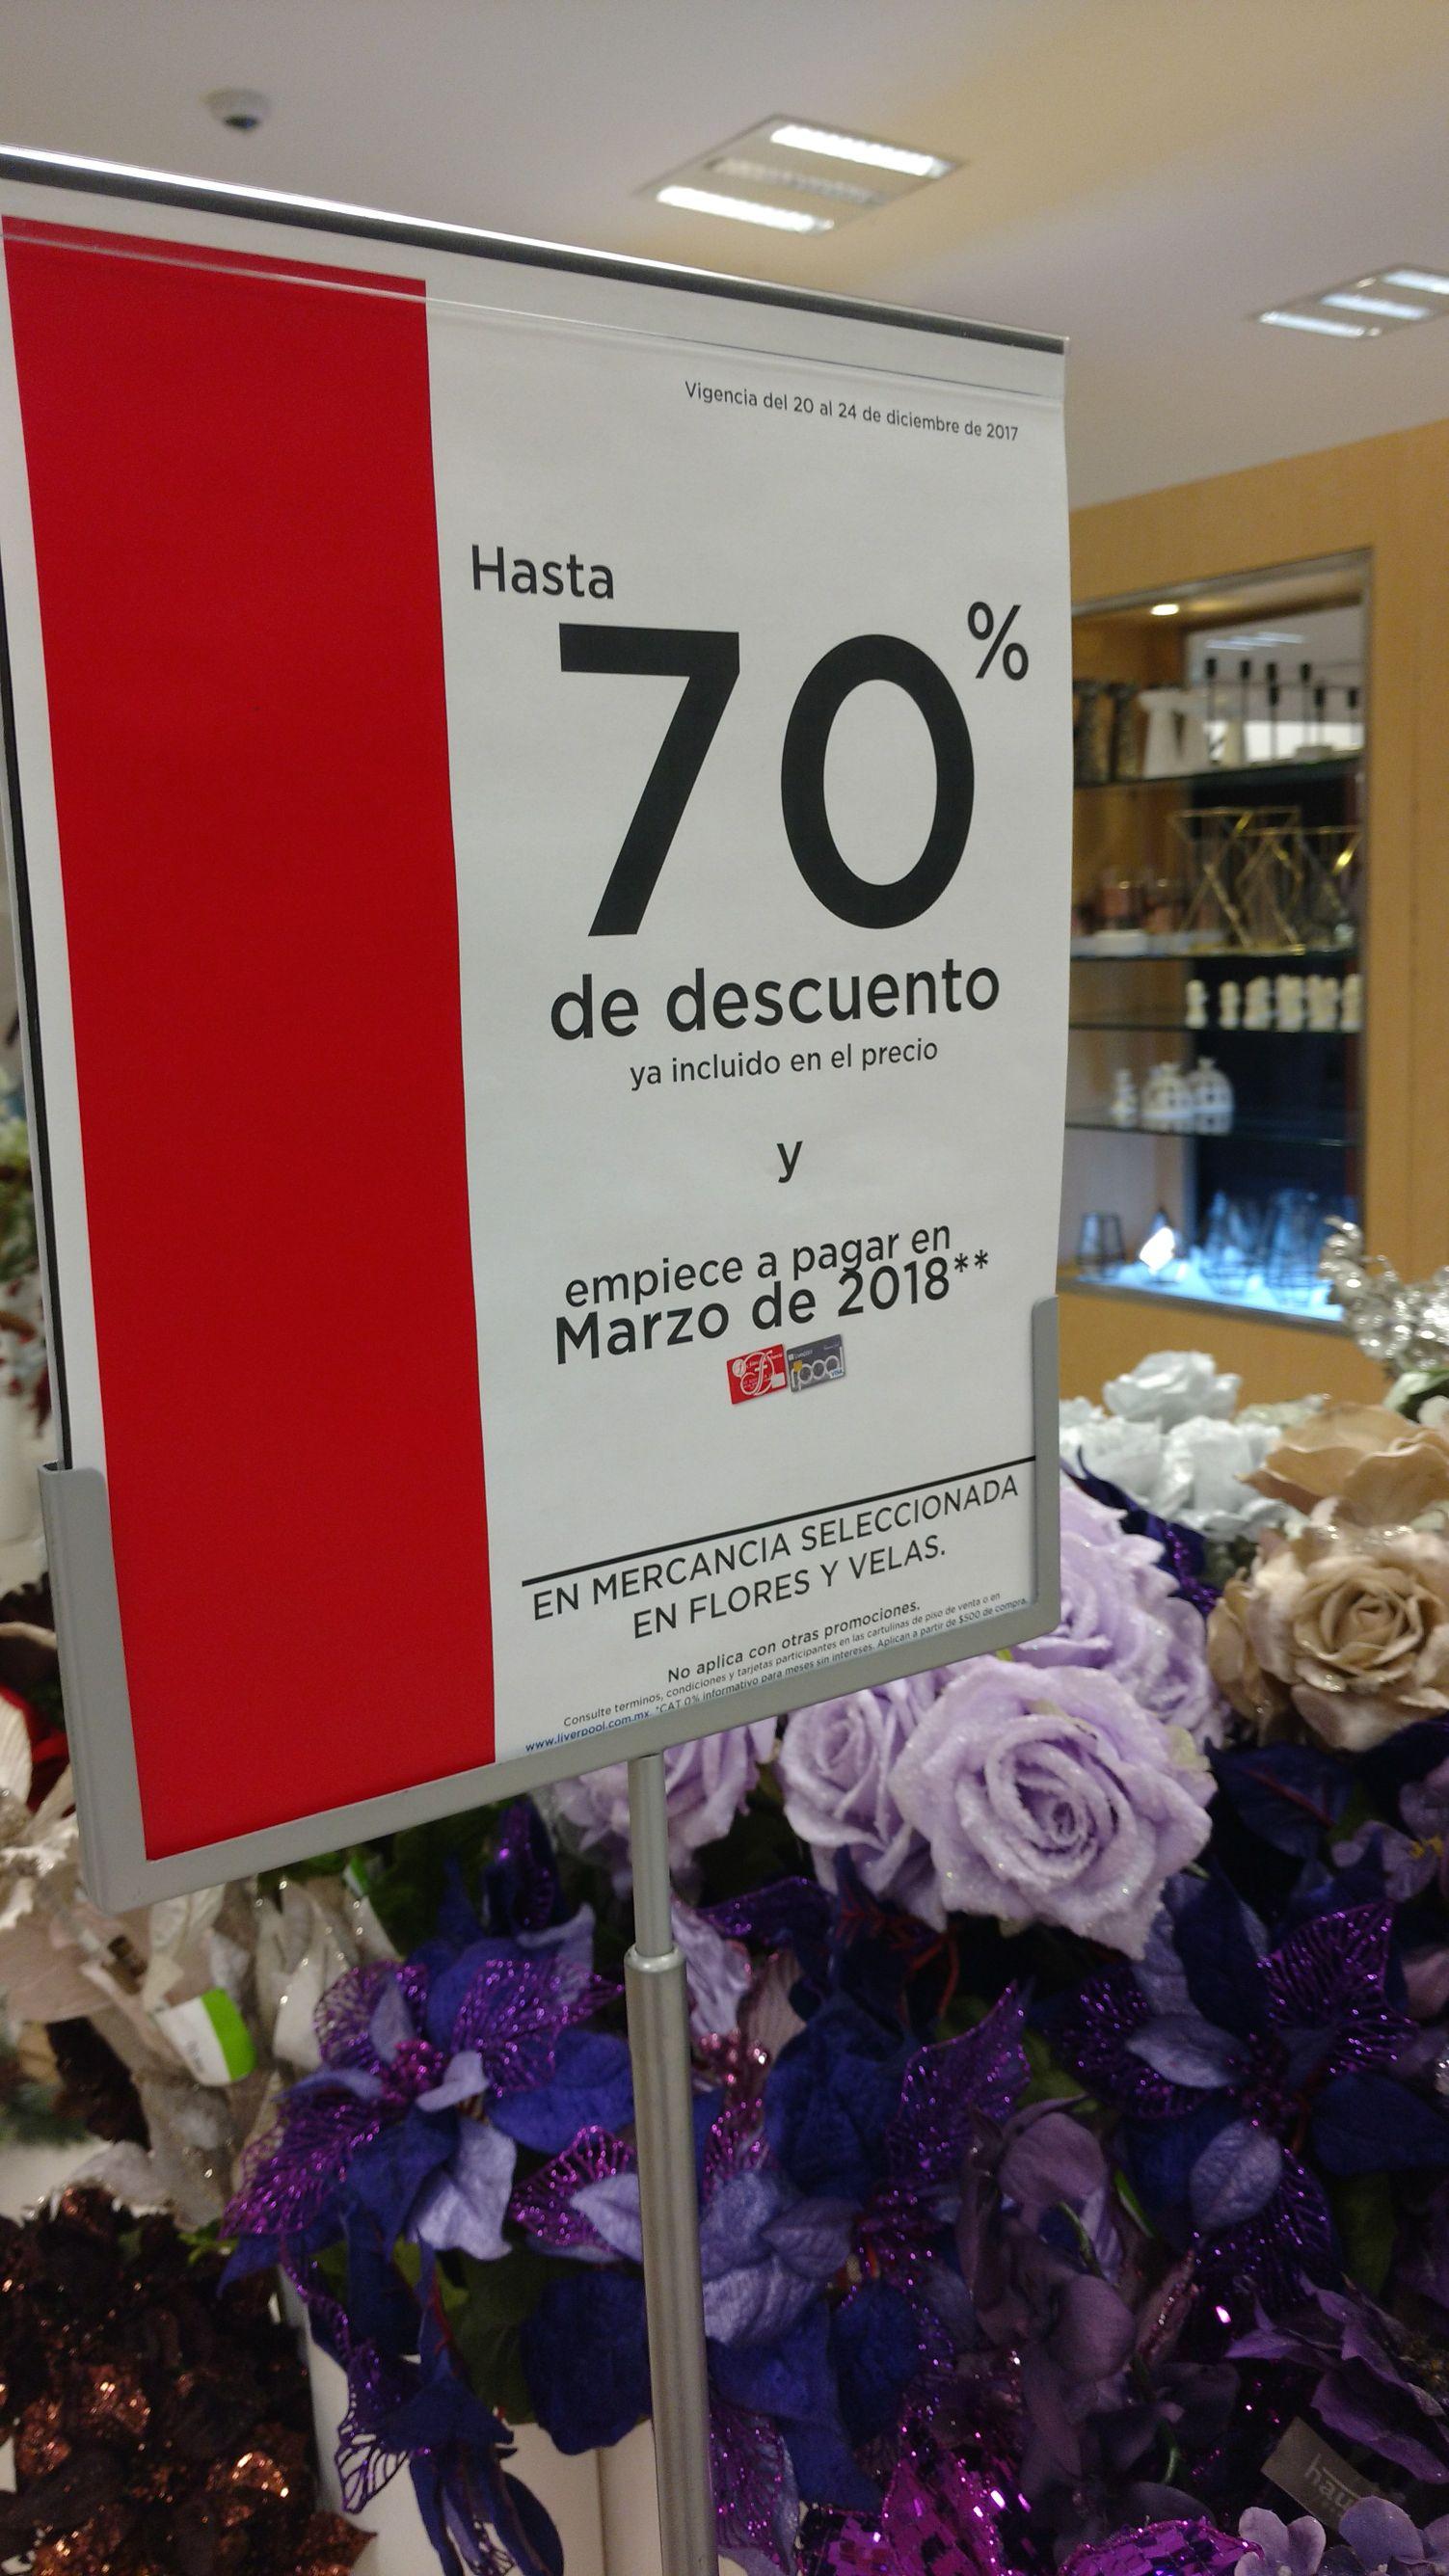 Fábricas de Francia Veracruz: Artículos con HASTA el 70% en velas y accesorios